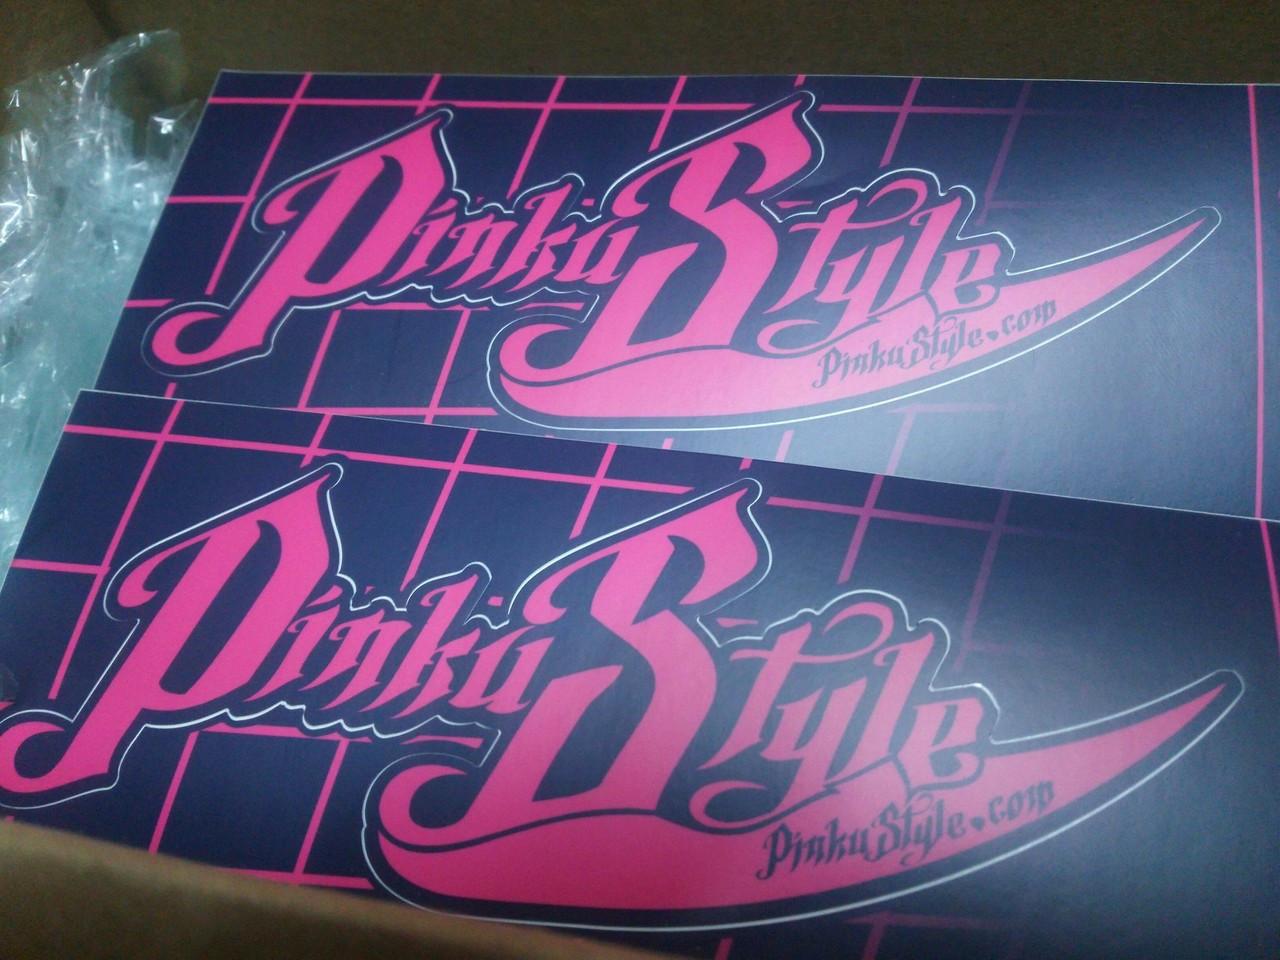 Pinku Style 01 Sticker Large Size Kiss Cut Set (2)